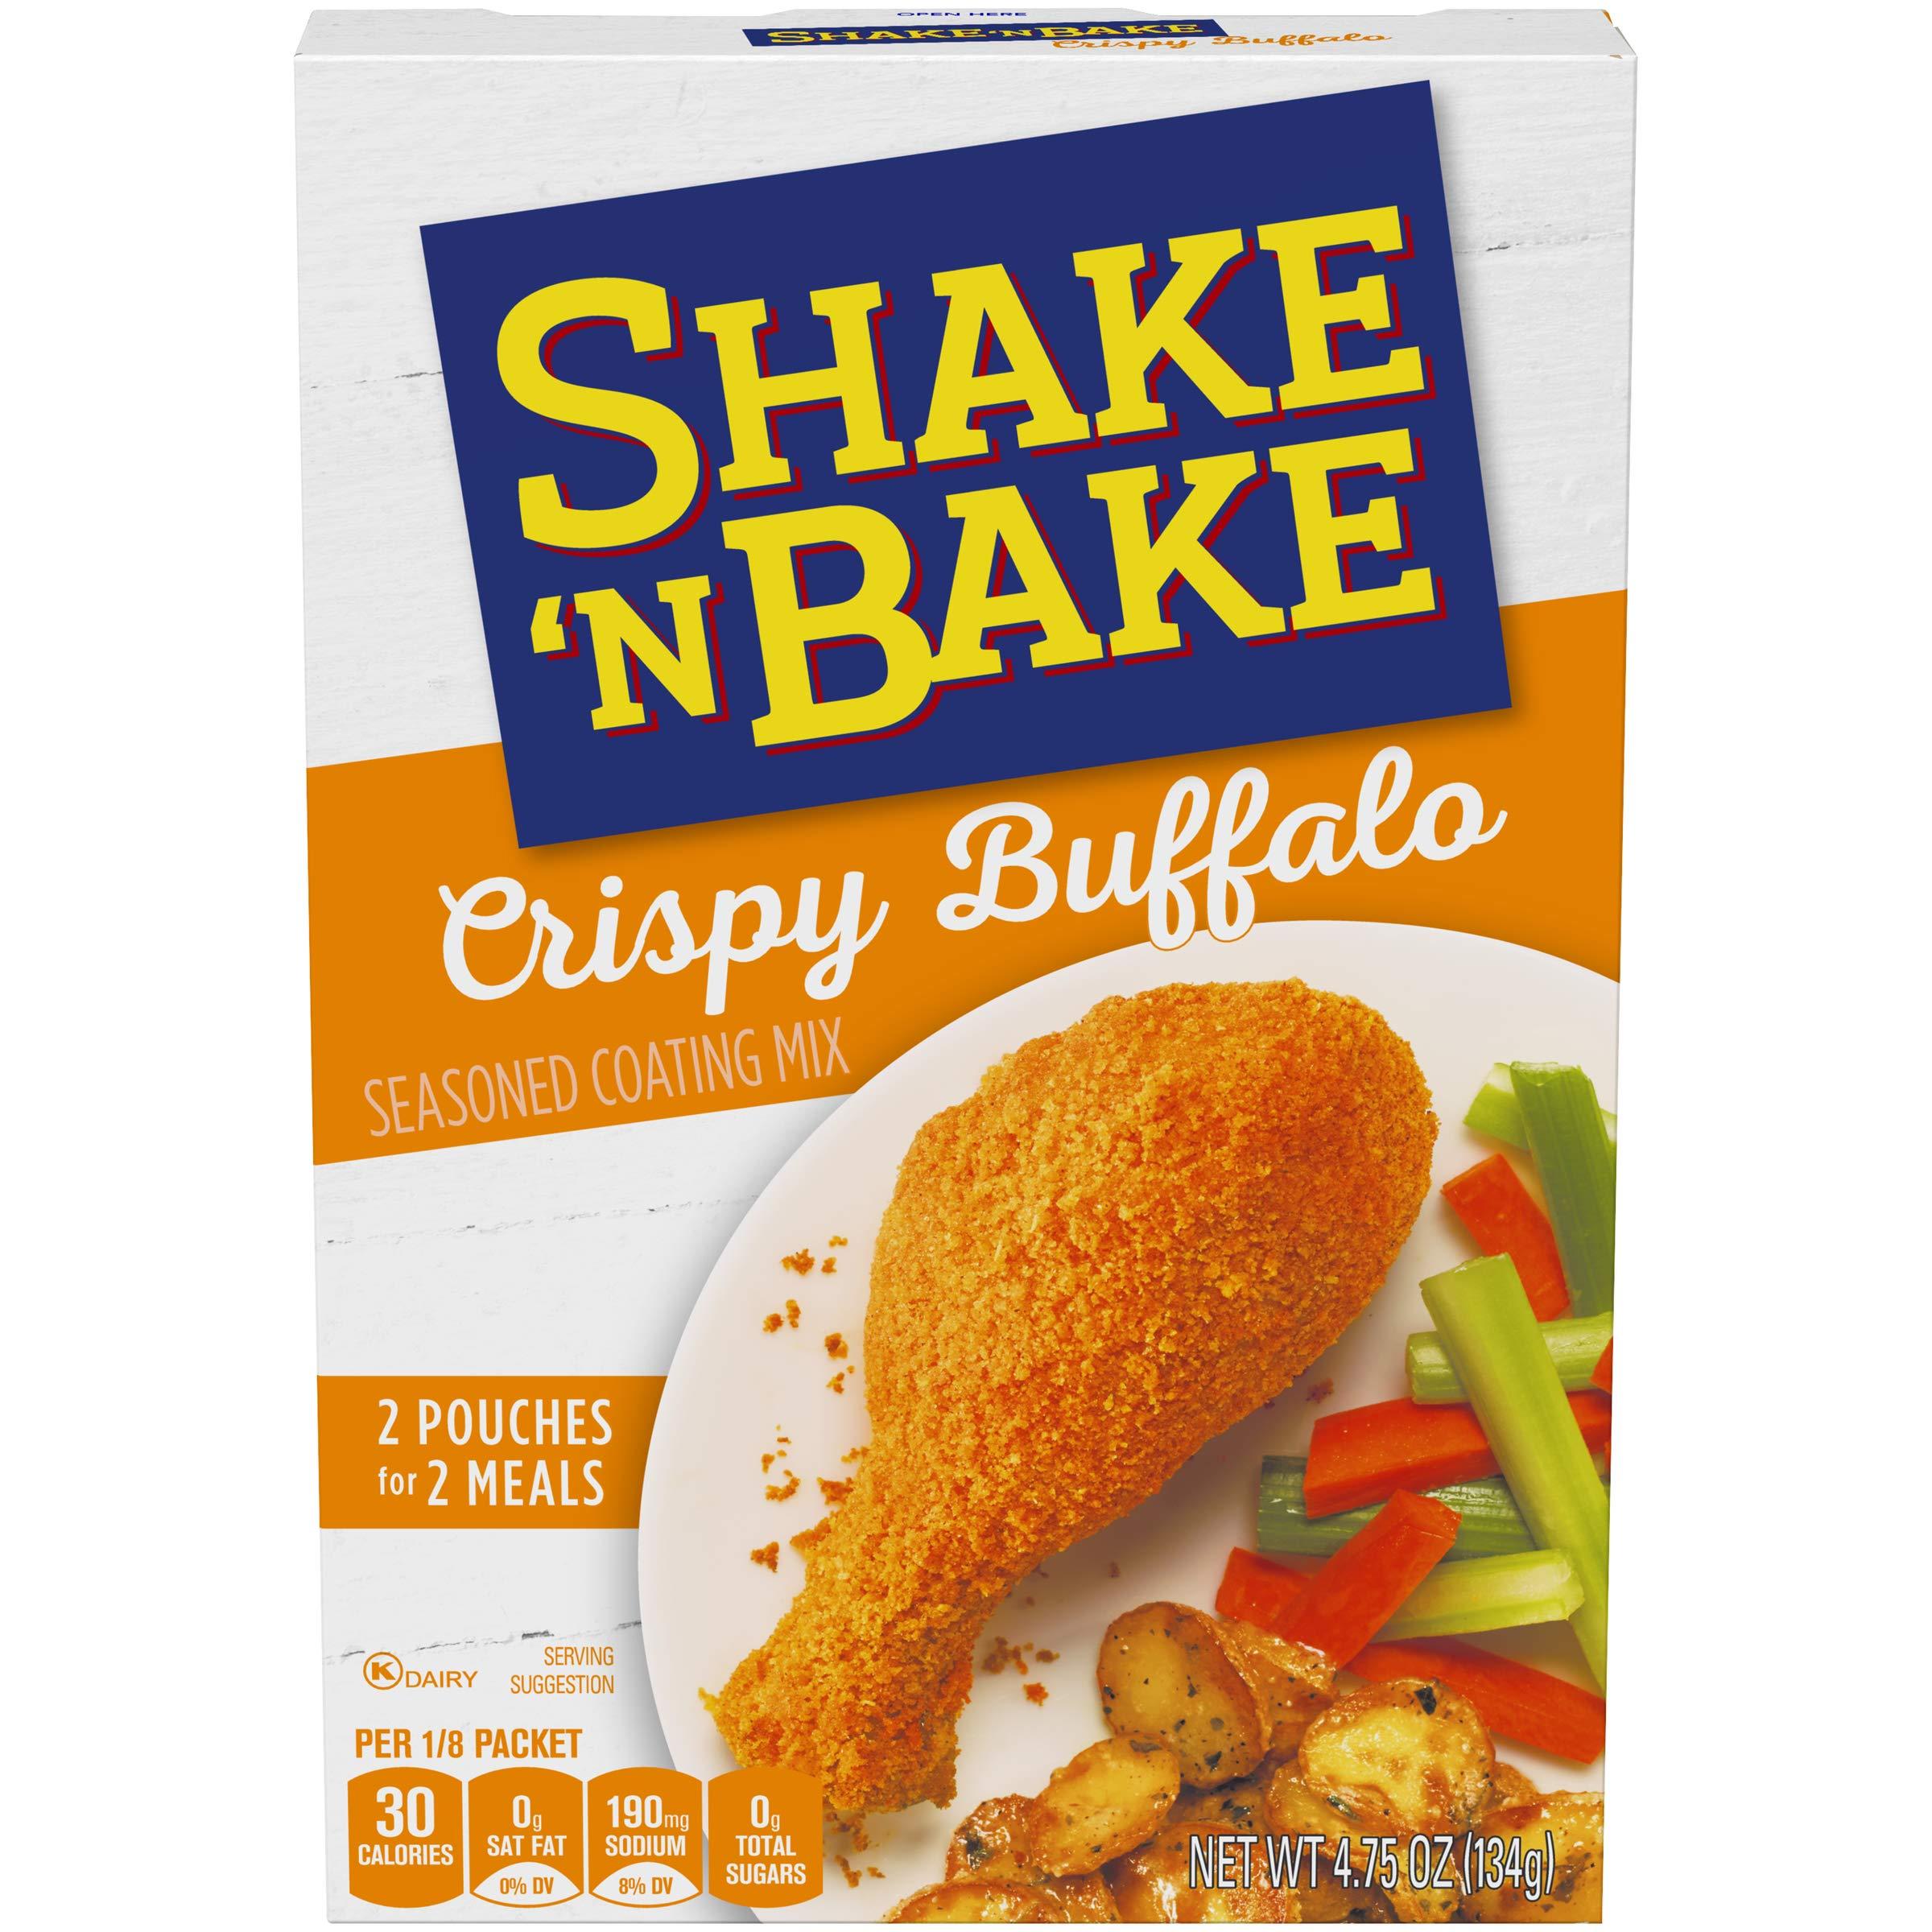 Shake 'N Bake Crispy Buffalo Seasoned Coating Mix Box (4.75 oz Boxes, Pack of 8) by Kraft